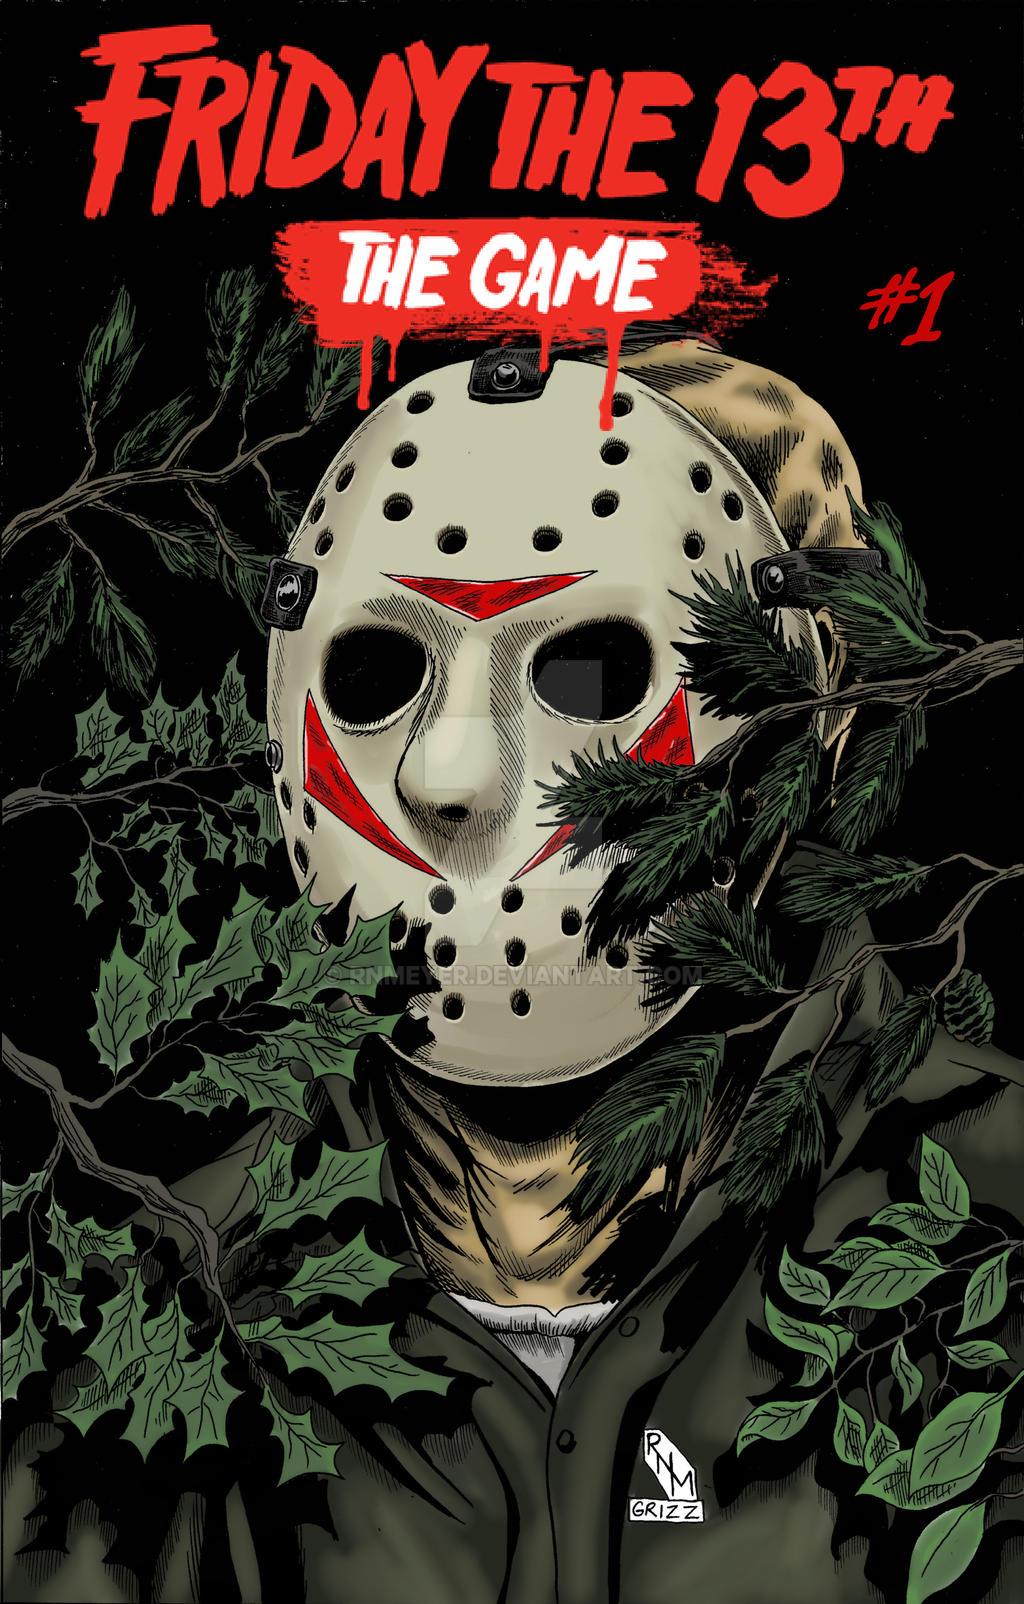 Friday the 13th The Game Fan Comic F13game_cover_by_rnmeyer_ddfquh2-fullview.jpg?token=eyJ0eXAiOiJKV1QiLCJhbGciOiJIUzI1NiJ9.eyJzdWIiOiJ1cm46YXBwOjdlMGQxODg5ODIyNjQzNzNhNWYwZDQxNWVhMGQyNmUwIiwiaXNzIjoidXJuOmFwcDo3ZTBkMTg4OTgyMjY0MzczYTVmMGQ0MTVlYTBkMjZlMCIsIm9iaiI6W1t7InBhdGgiOiJcL2ZcLzdlMzU2MDUxLTRhMTAtNDVmNy1iNjYxLWFiOTJjYmEwYzFmMFwvZGRmcXVoMi0wYTY1MjhkOS1kMjMxLTQ3YzEtYjM4NS1lODIyMDRiYzM5ZjUuanBnIiwiaGVpZ2h0IjoiPD0xNjA0Iiwid2lkdGgiOiI8PTEwMjQifV1dLCJhdWQiOlsidXJuOnNlcnZpY2U6aW1hZ2Uud2F0ZXJtYXJrIl0sIndtayI6eyJwYXRoIjoiXC93bVwvN2UzNTYwNTEtNGExMC00NWY3LWI2NjEtYWI5MmNiYTBjMWYwXC9ybm1leWVyLTQucG5nIiwib3BhY2l0eSI6OTUsInByb3BvcnRpb25zIjowLjQ1LCJncmF2aXR5IjoiY2VudGVyIn19